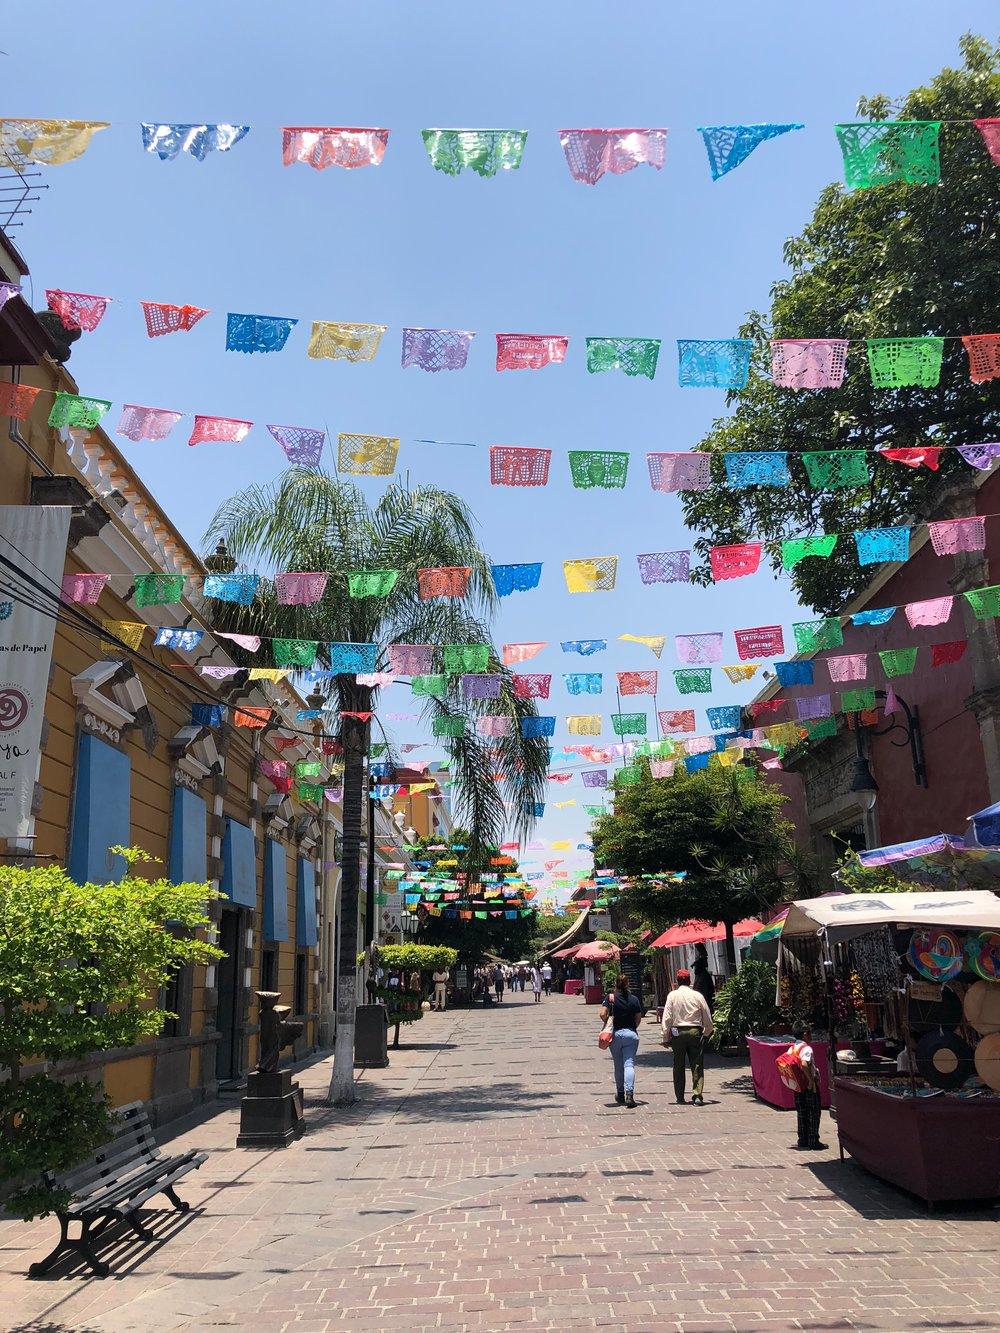 Guadalajara colorful town.jpg